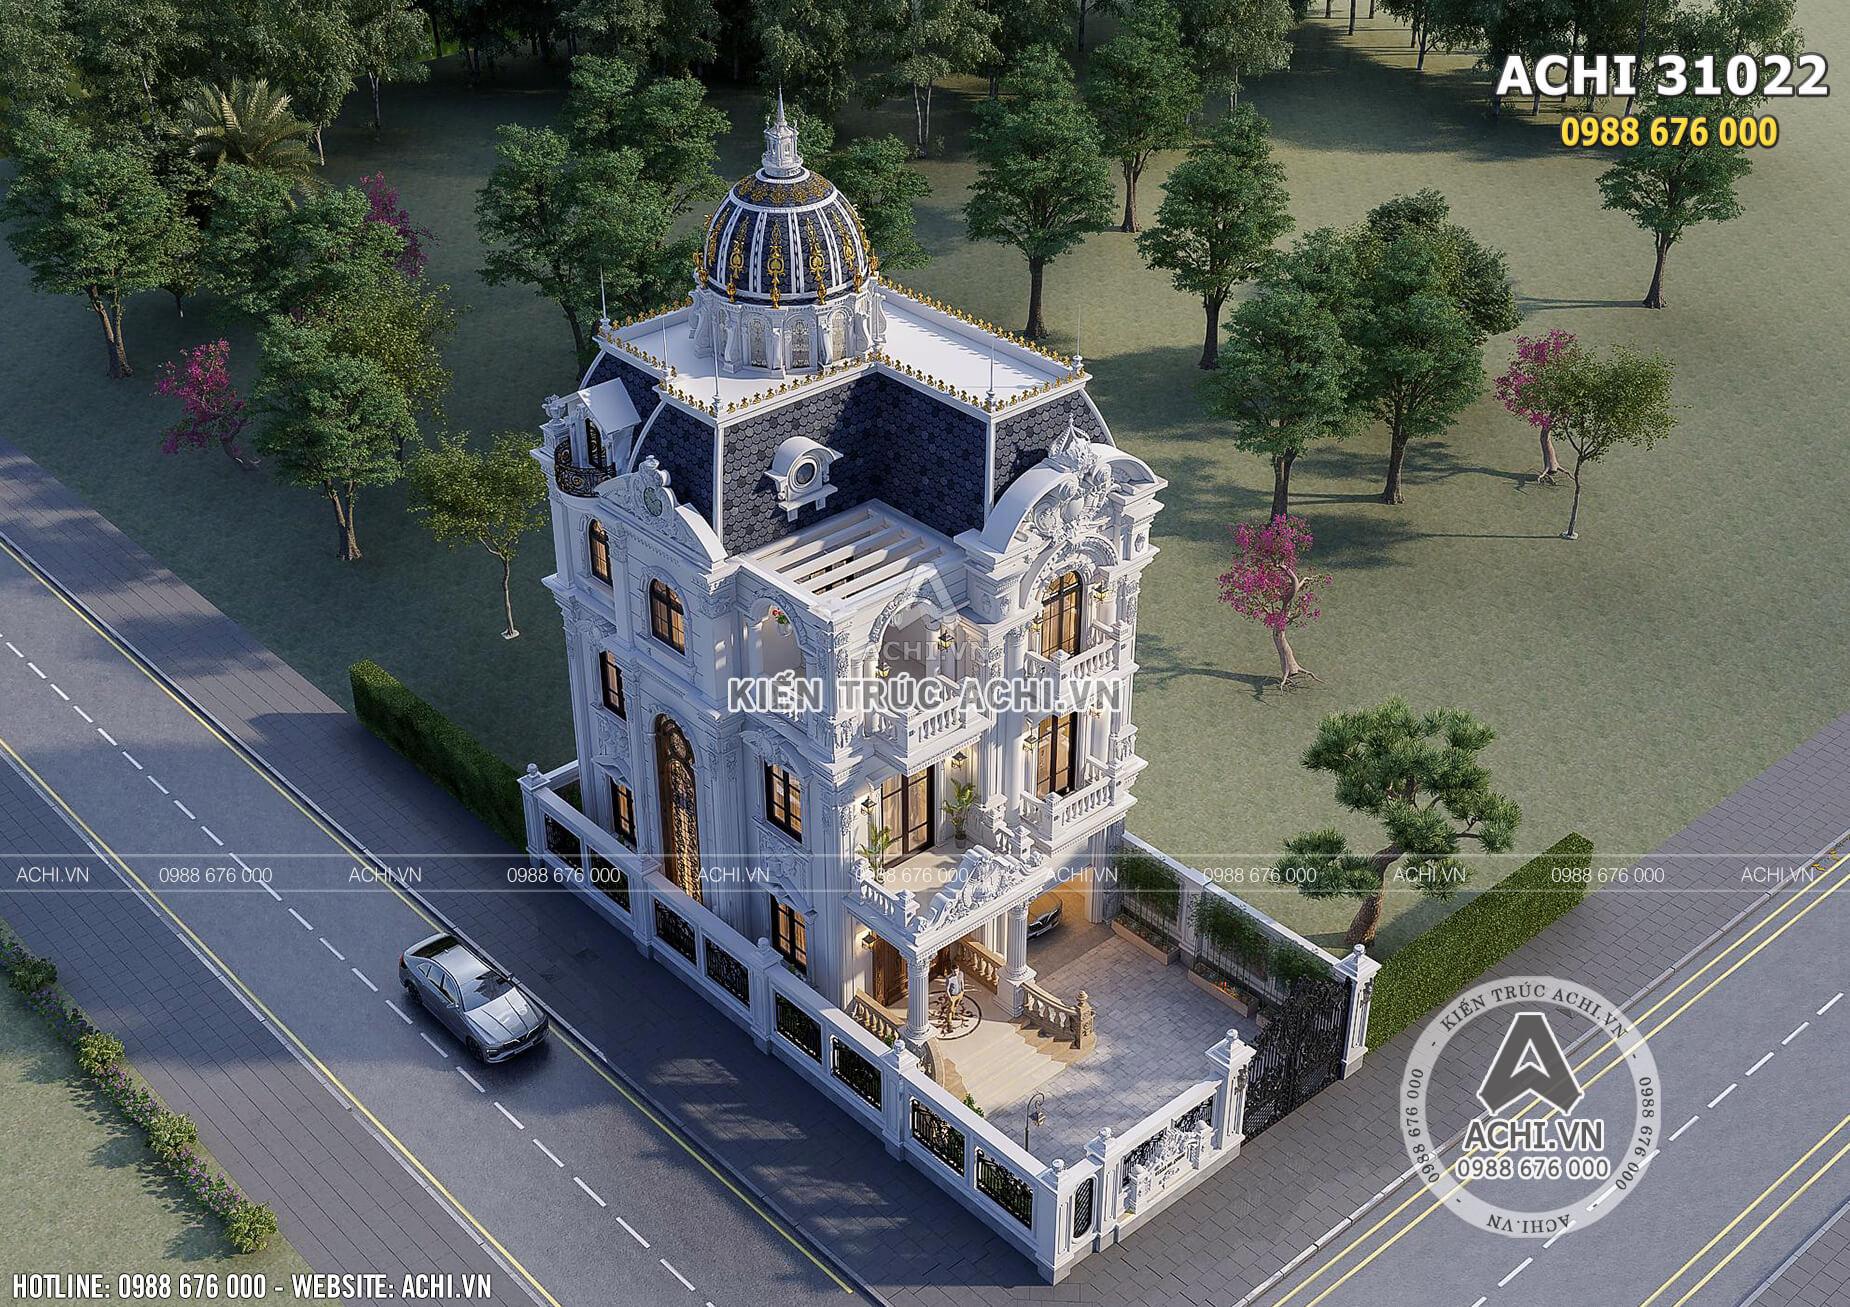 Mẫu thiết kế biệt thự tân cổ điển 3 tầng mặt tiền 10m đẹp tại Long An - Mã số: ACHI 31022